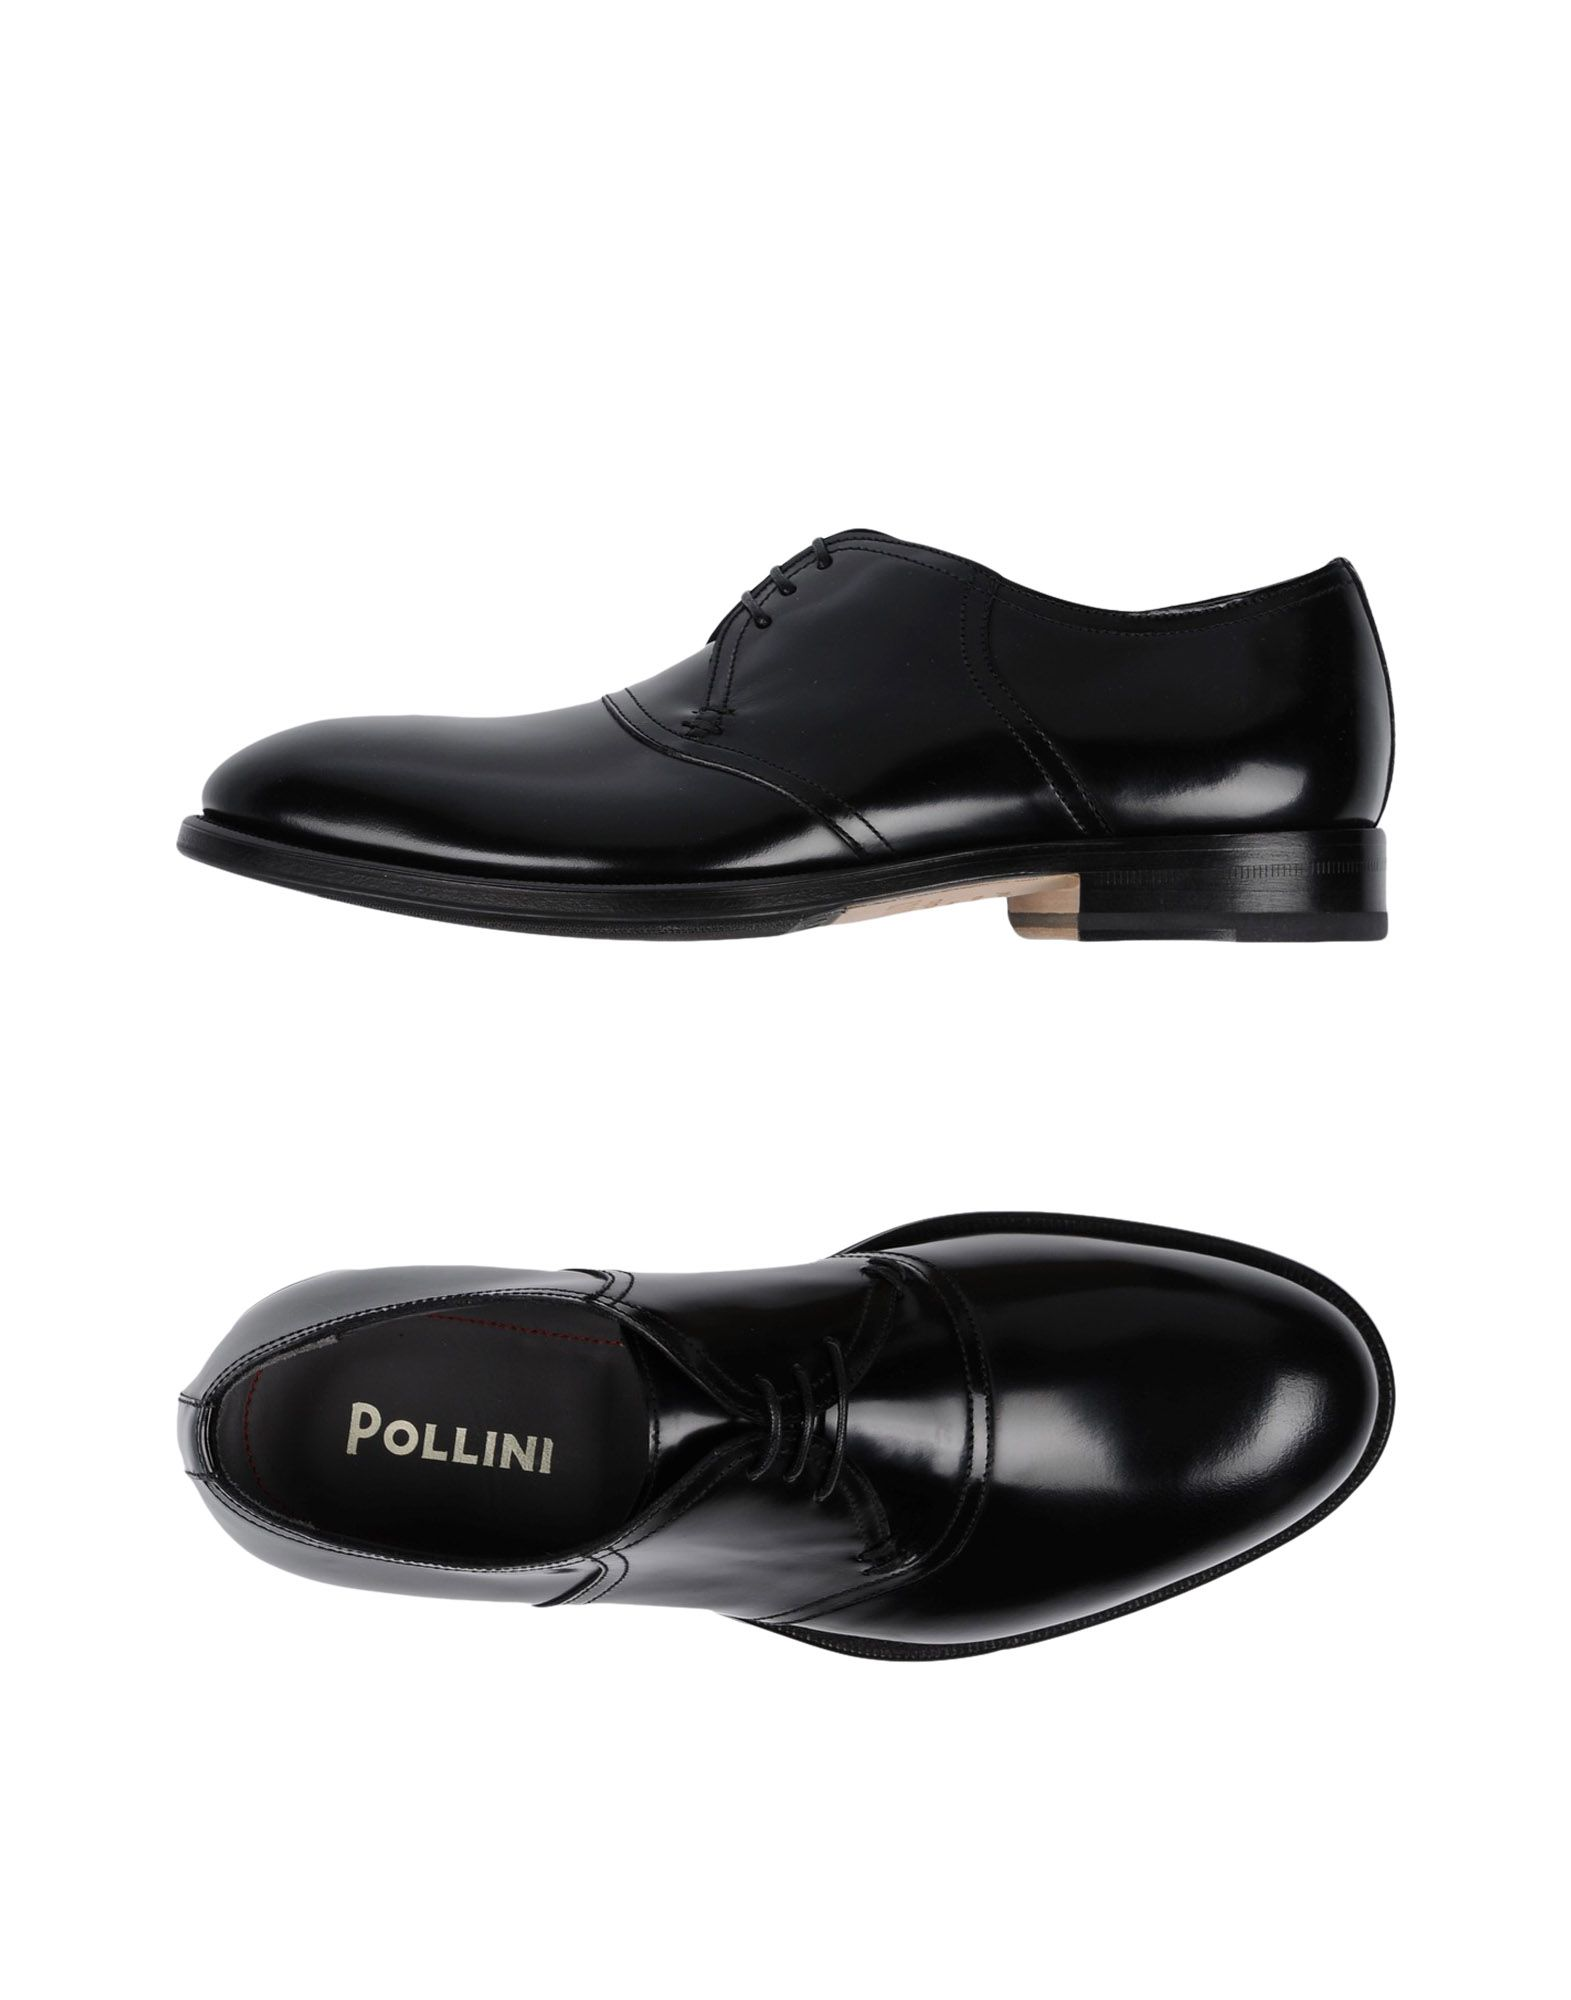 Pollini Schnürschuhe Herren  11448376JQ Gute Qualität beliebte Schuhe